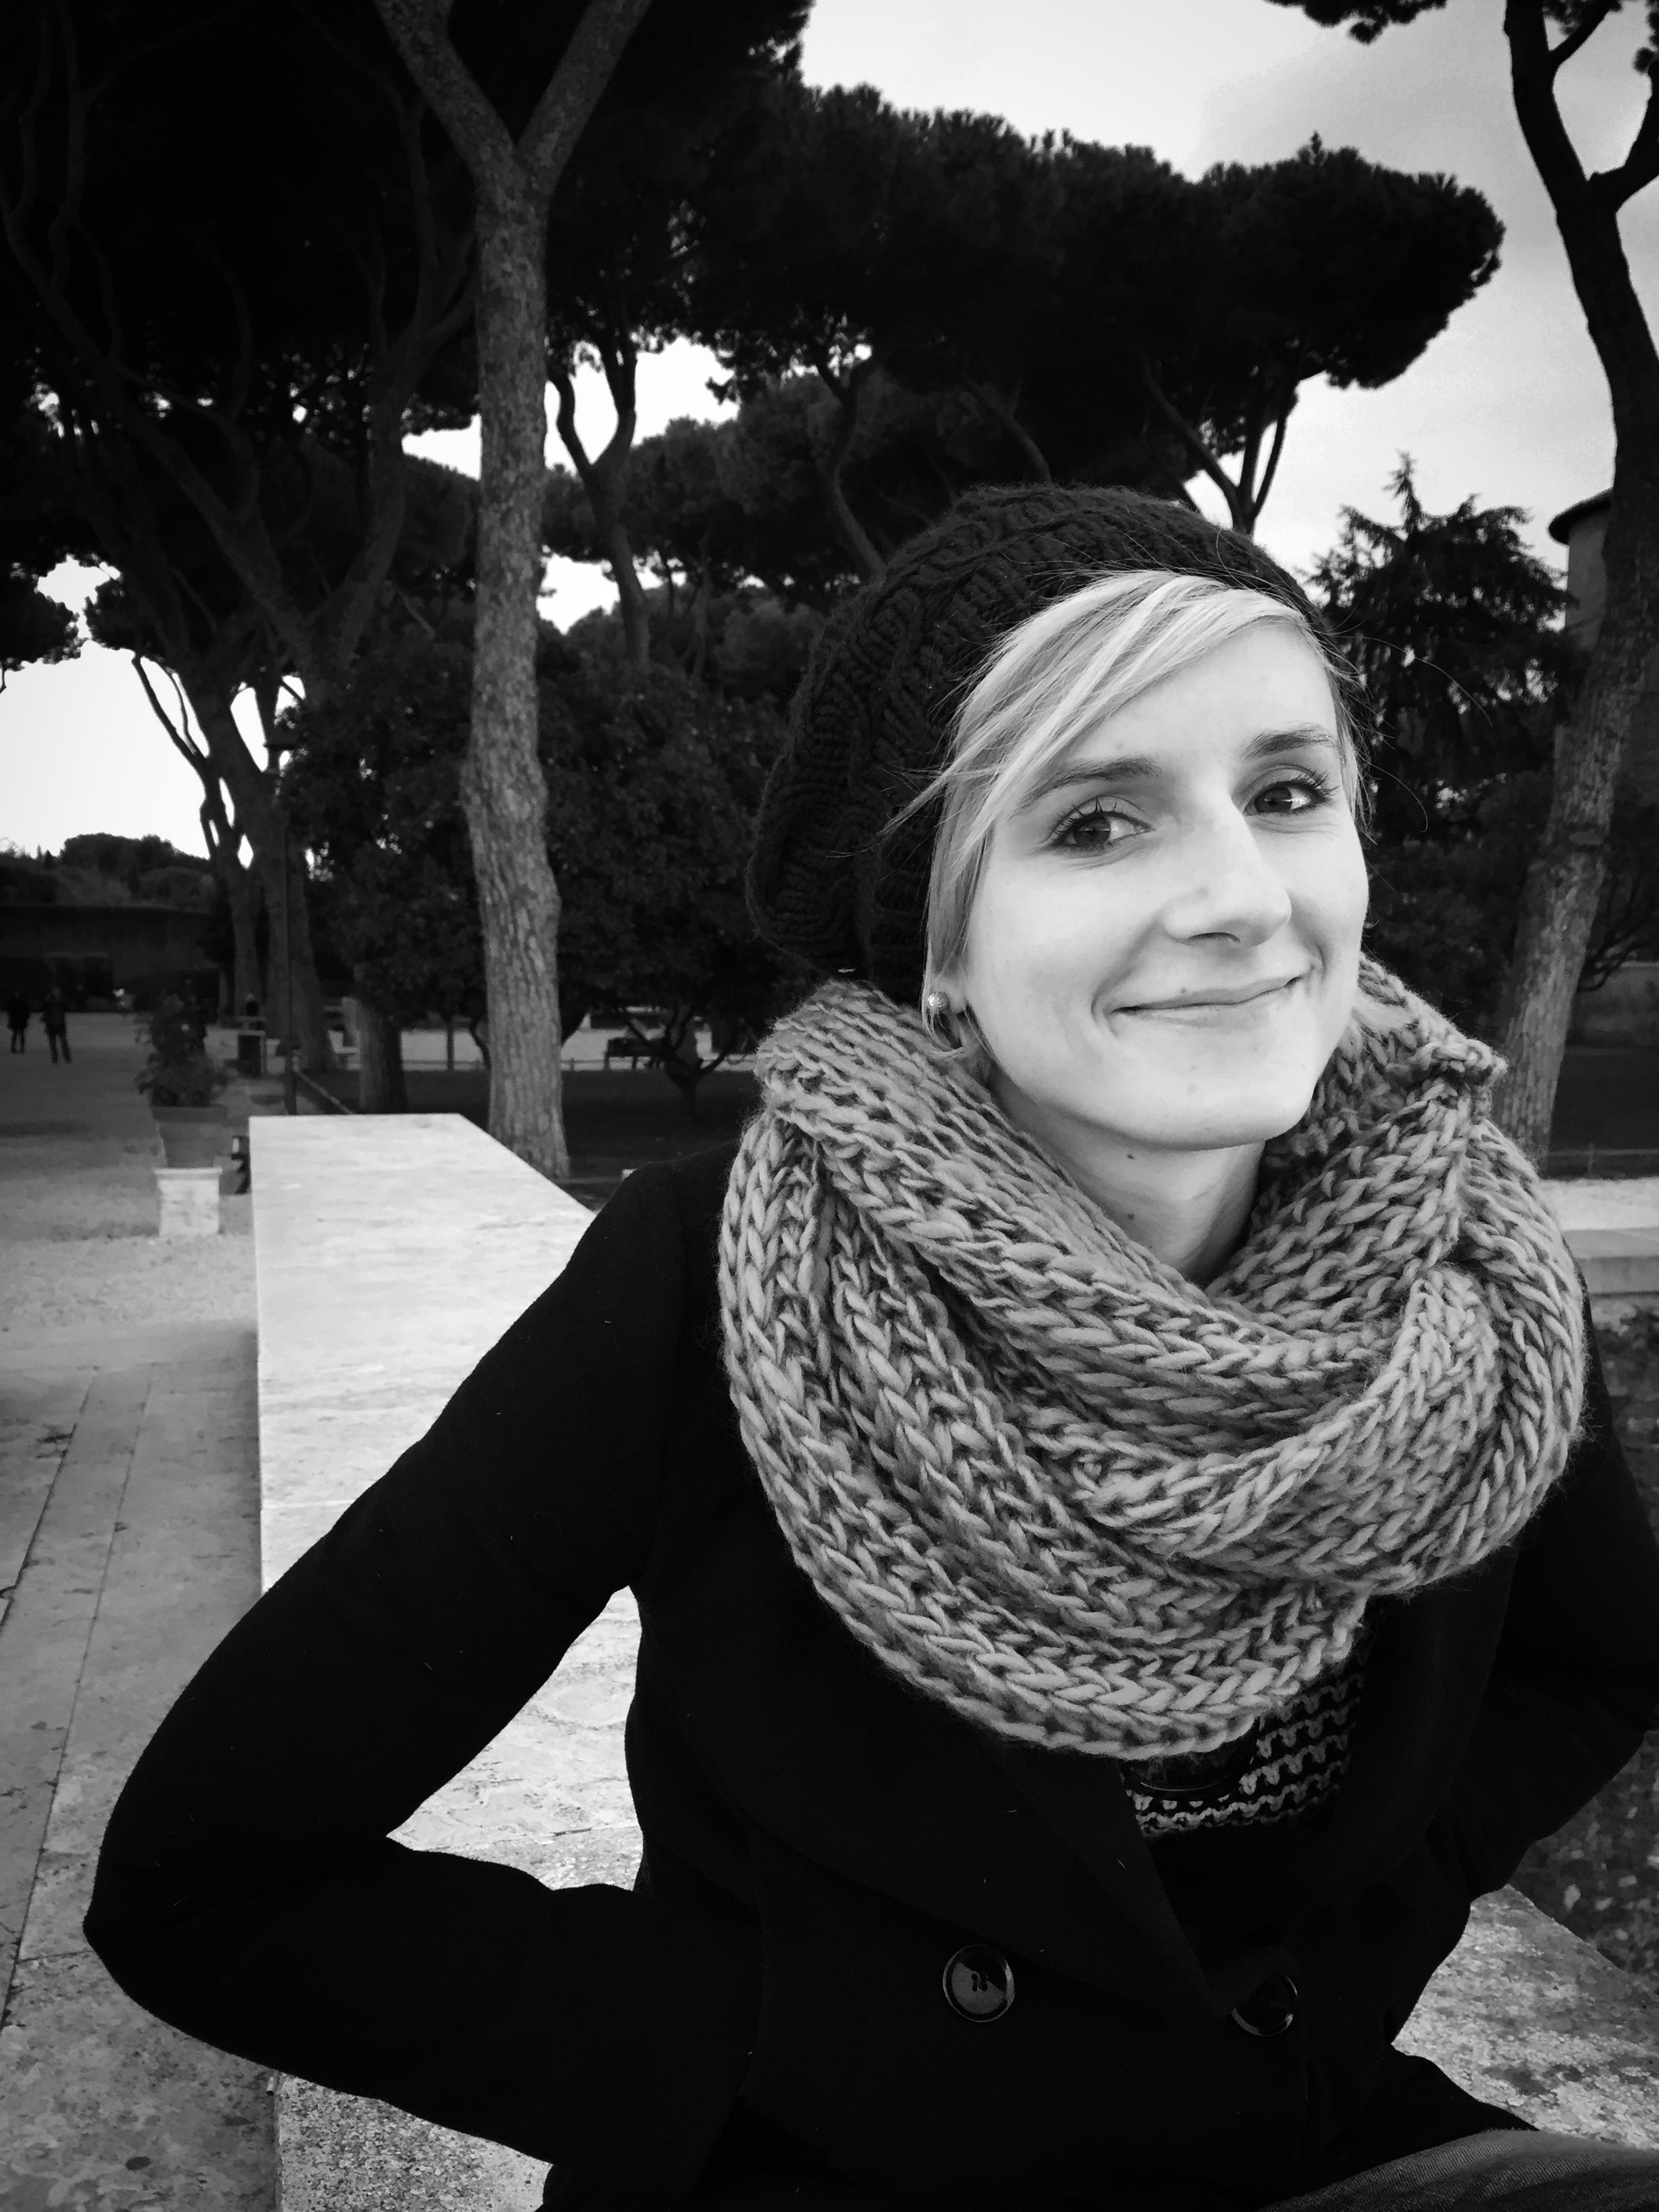 Katerina Don, Visuals